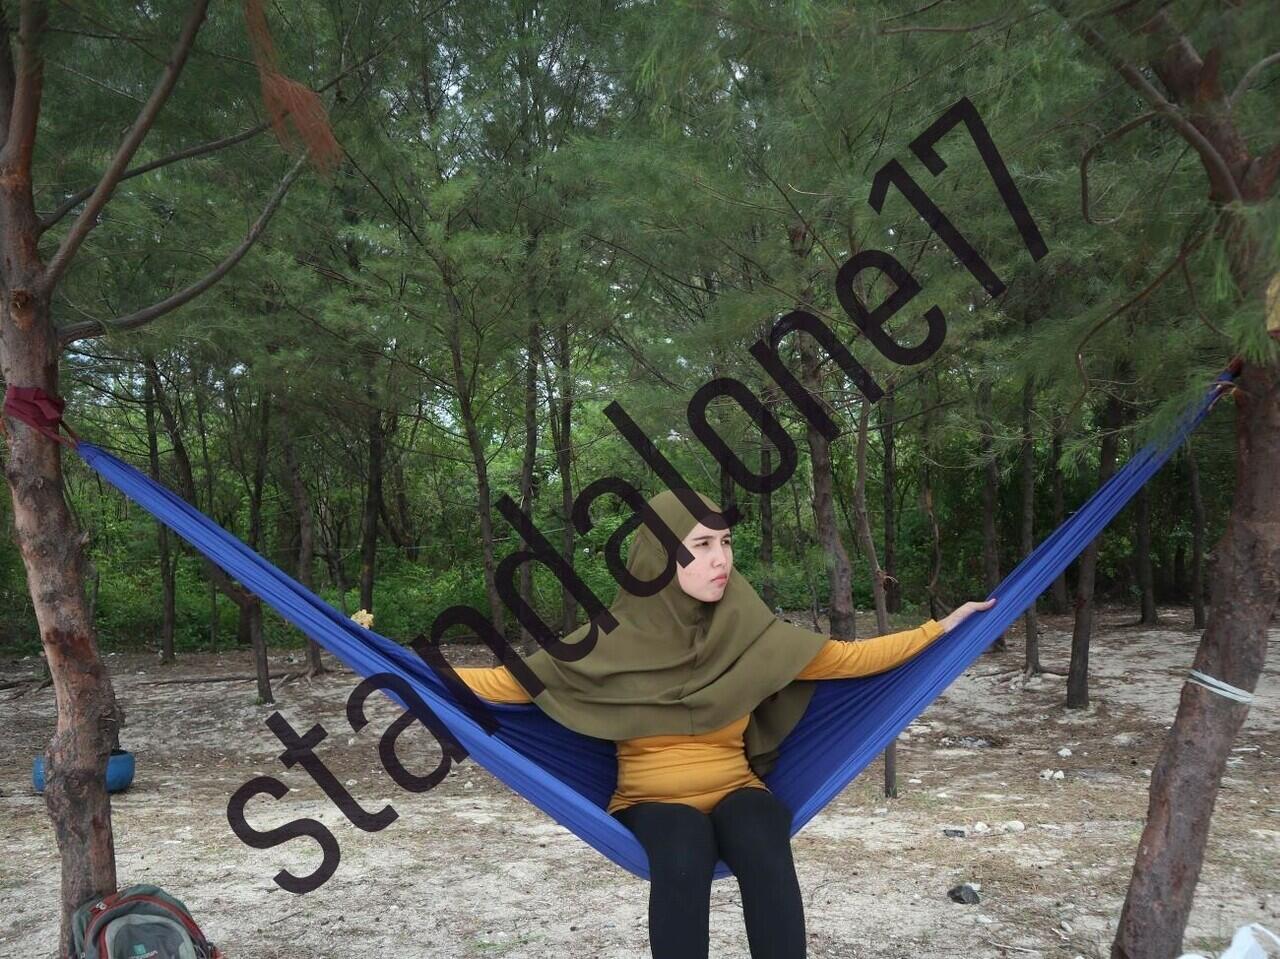 [COC TRAVELLER] Hammock-an ala PASUTRI baru di Pulau Panjang, Jepara